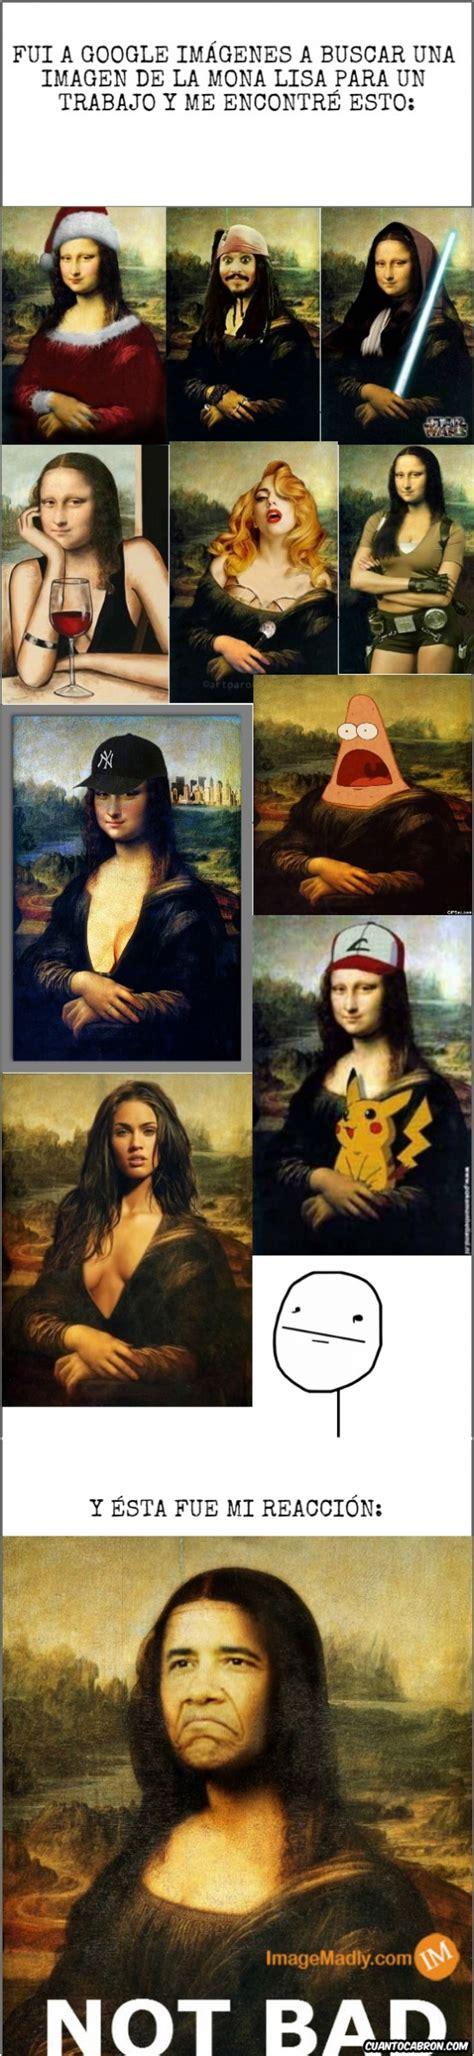 Mona Cc cu 225 nto cabr 243 n la mona y sus diferentes versiones